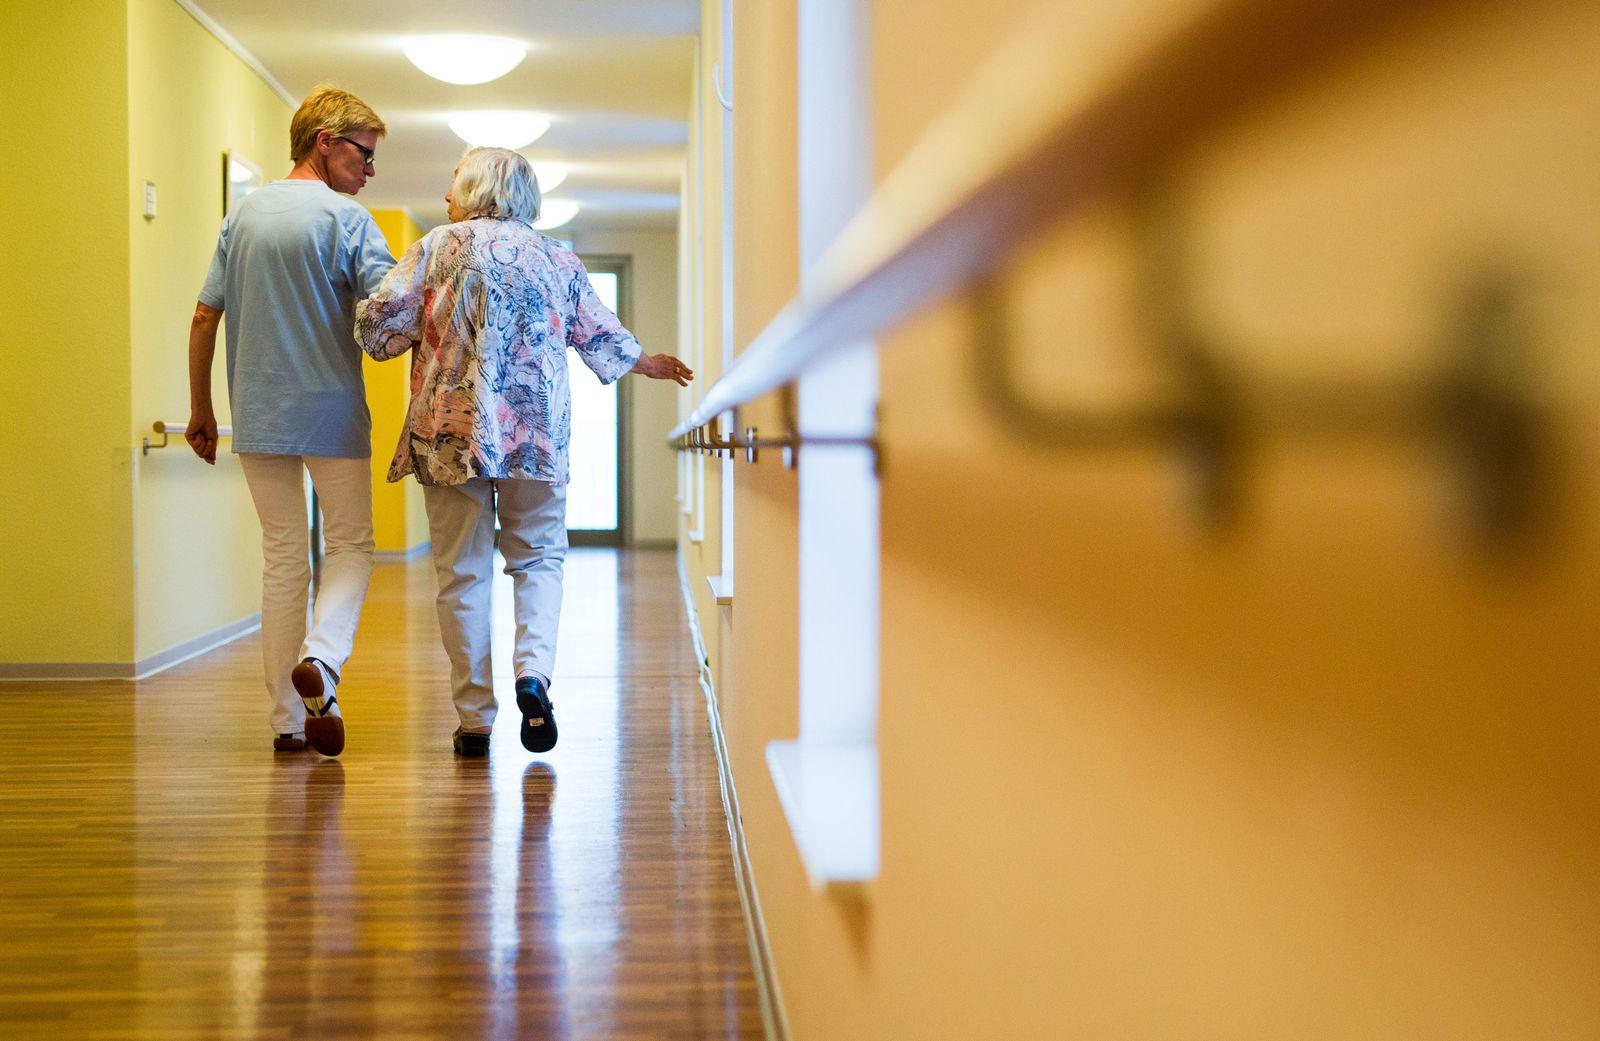 Pflegeheim/ Pflegekraft